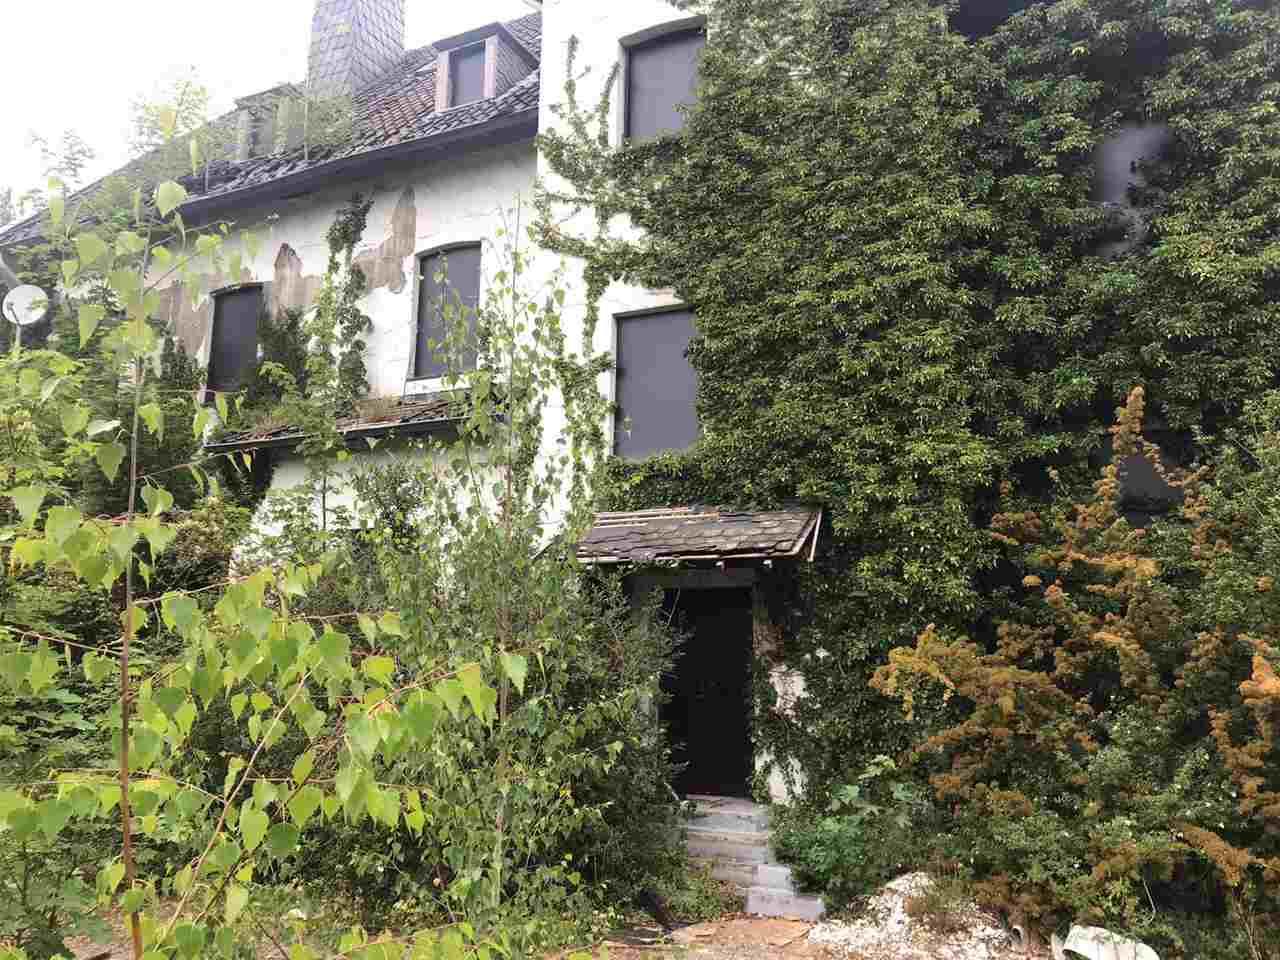 Abrissarbeiten beginnen am Edith-Stein-Haus